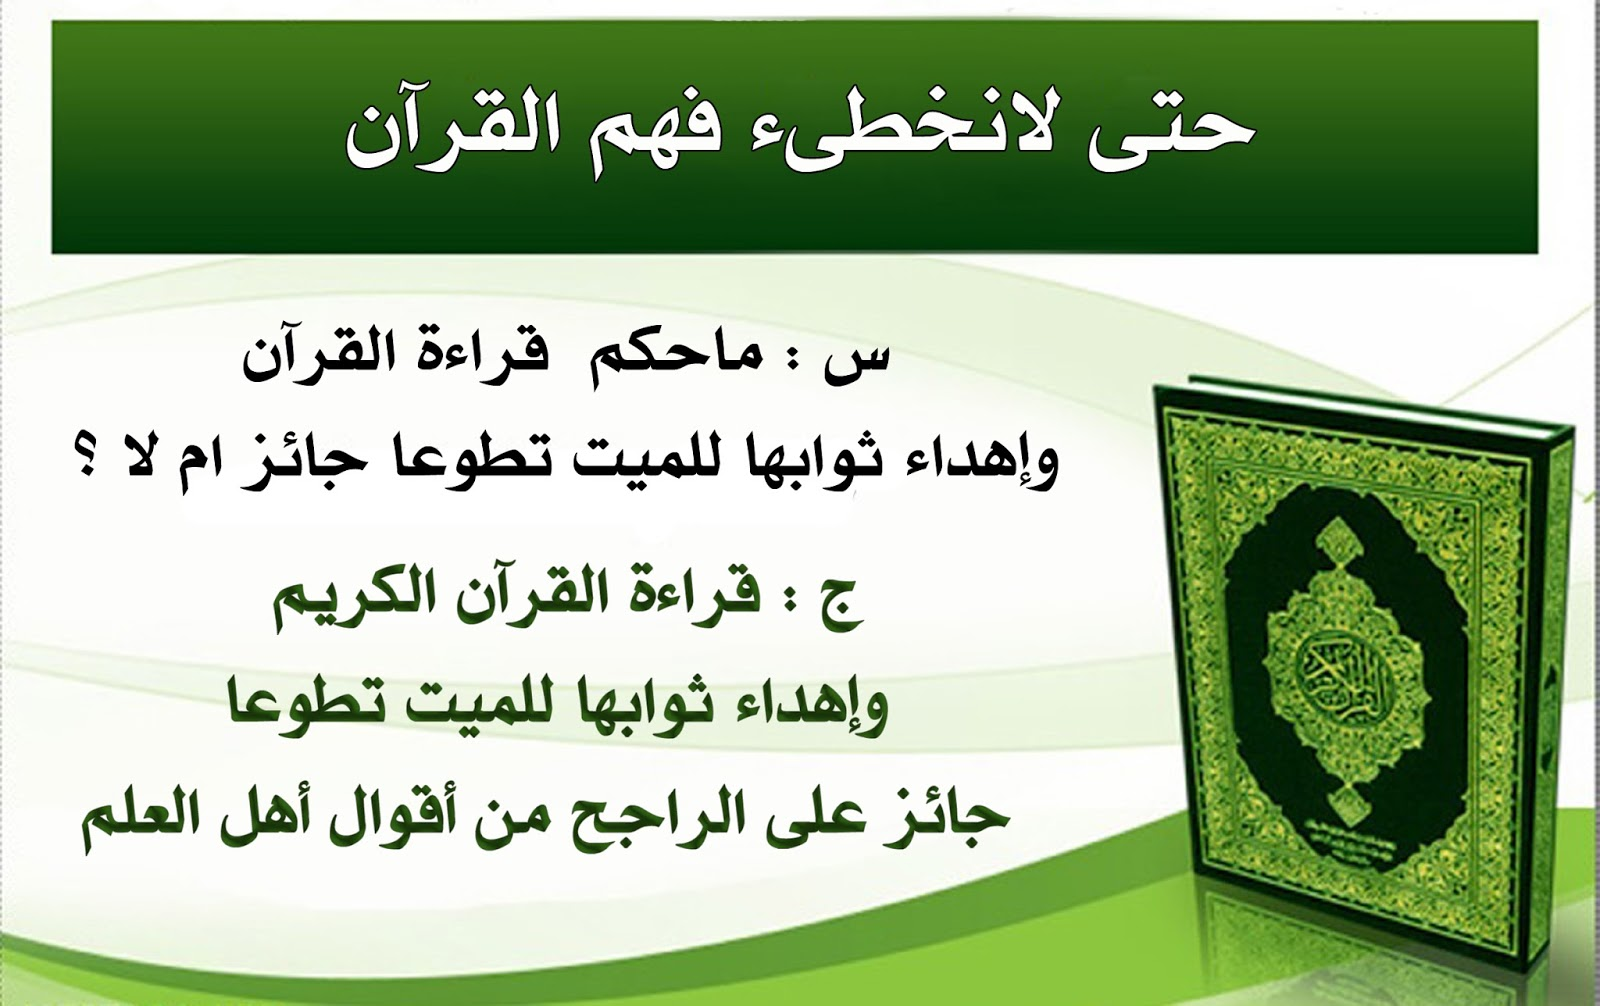 صور فتاوى اسلامية , اجابه ما يدور براسك في الدين